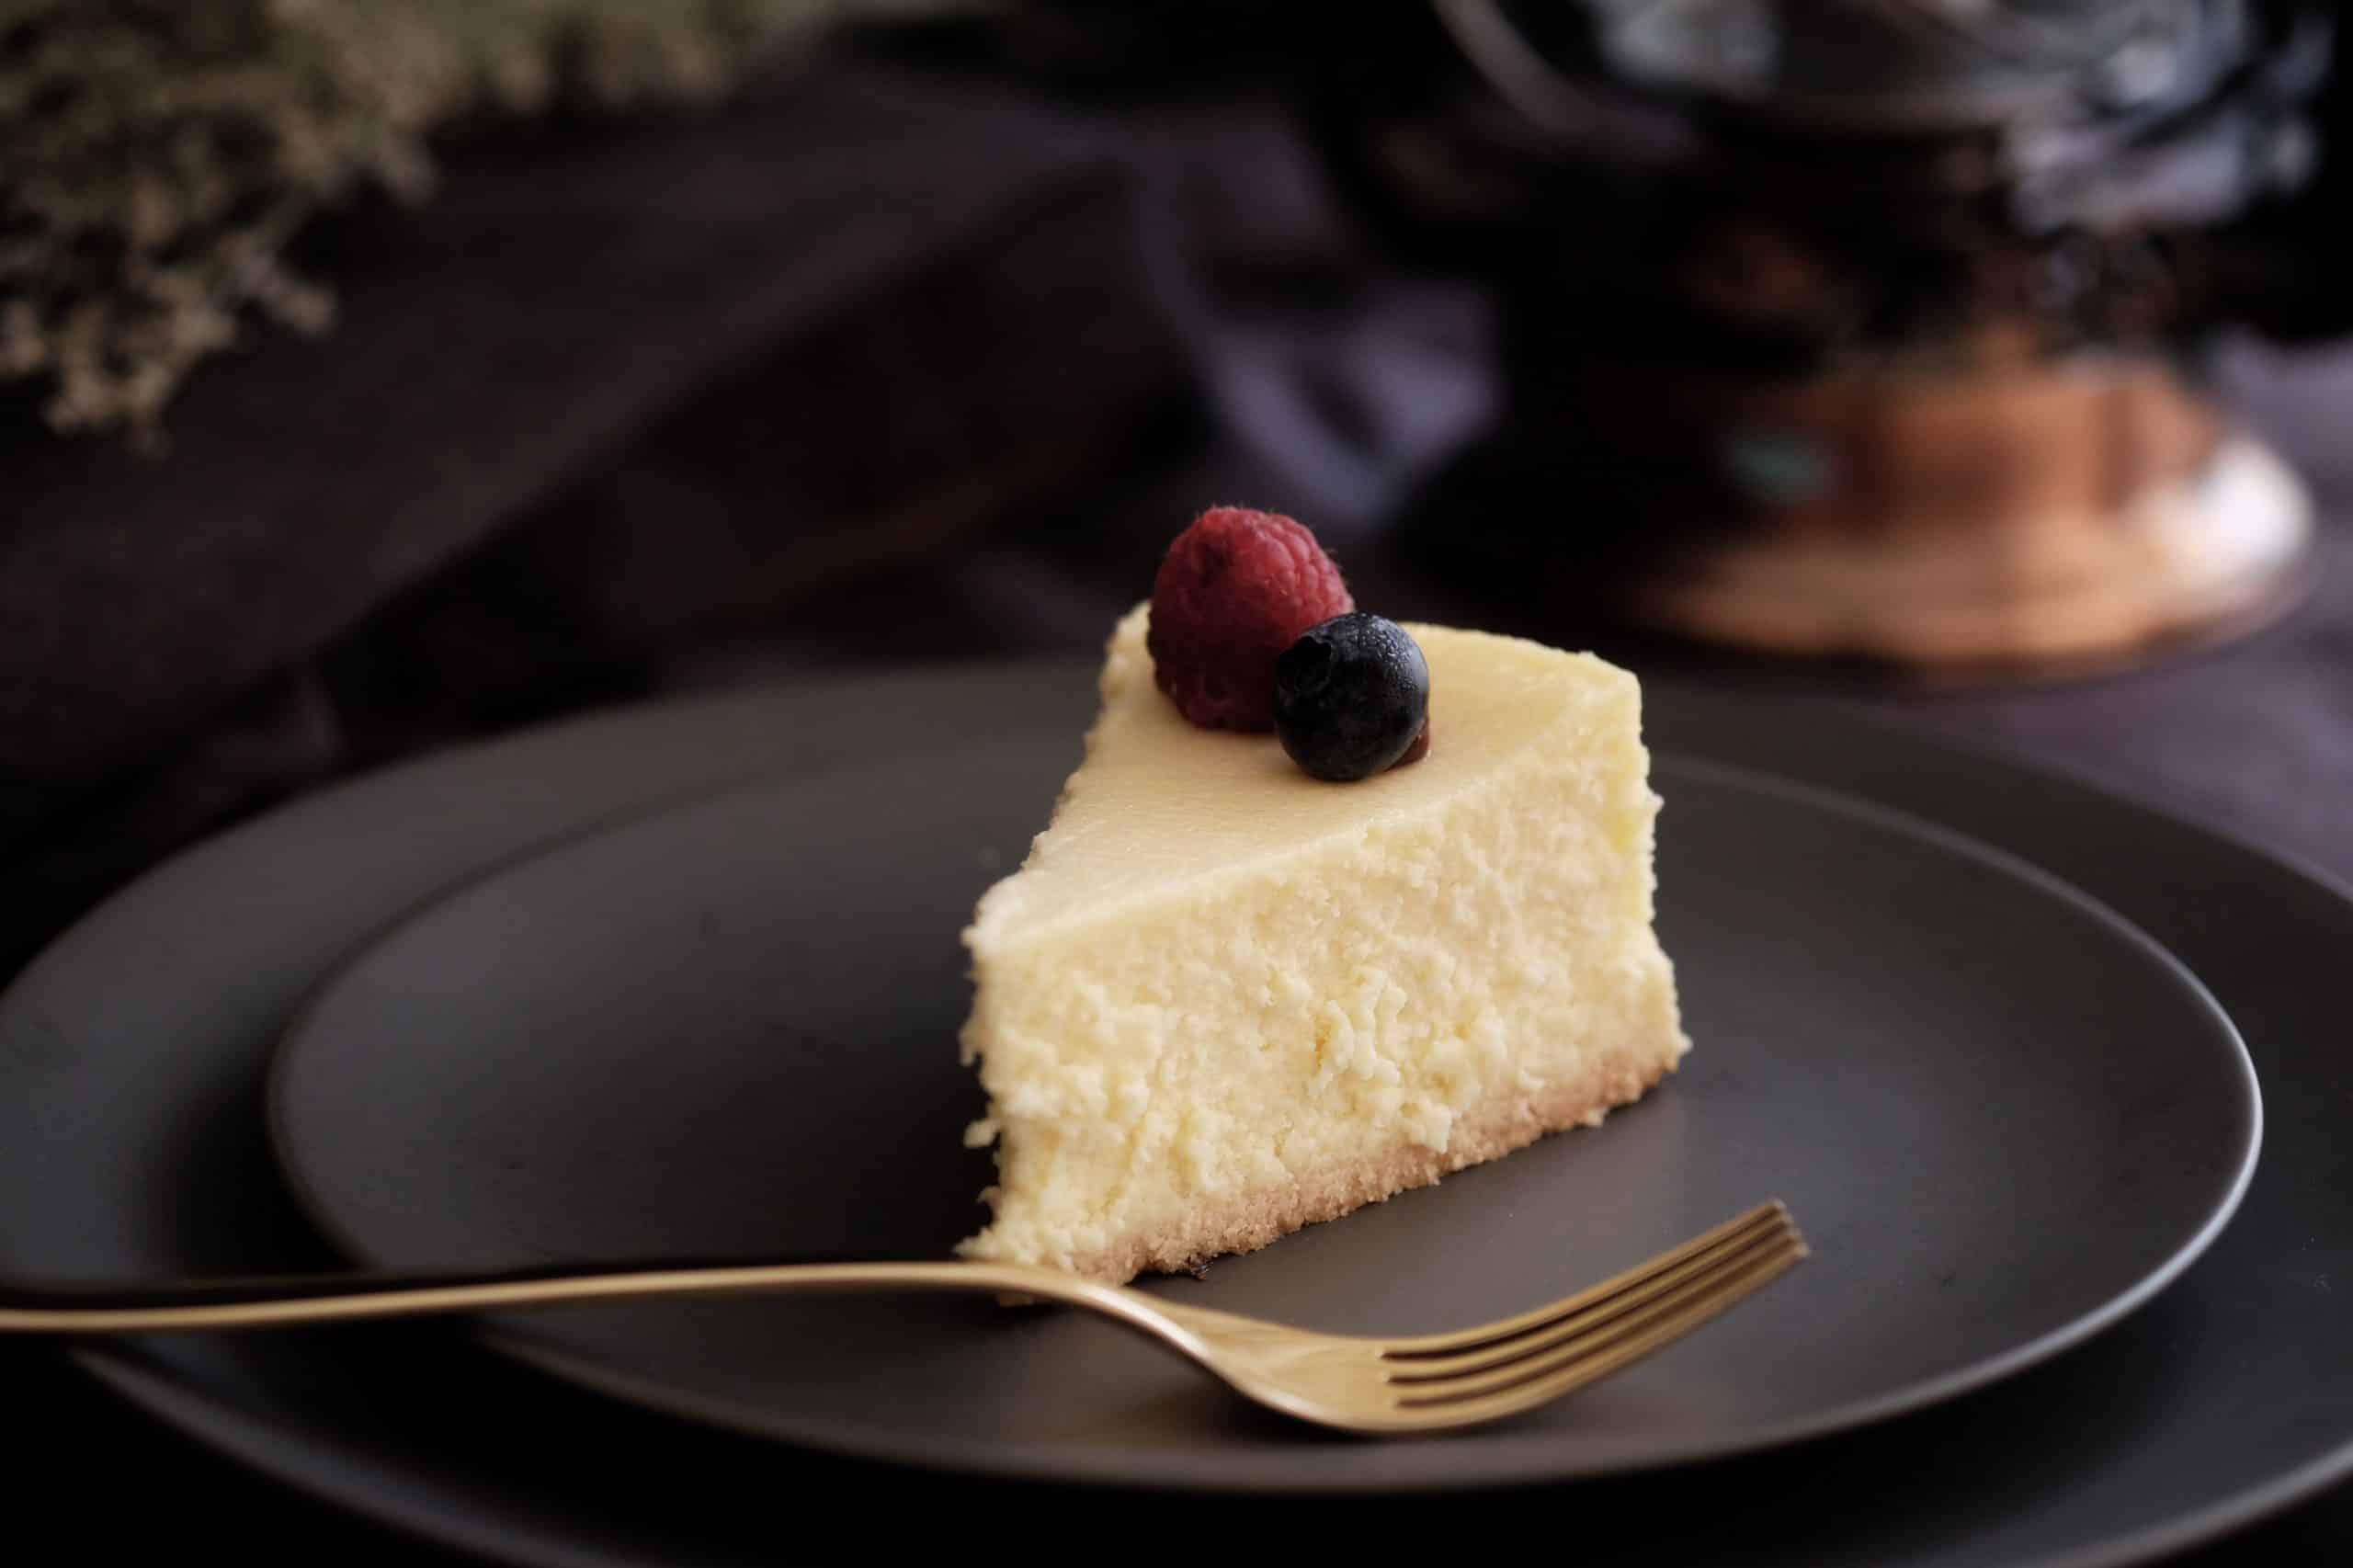 part de cheesecake avec fruits rouges dessus dans une assiette noire avec fourchette dorée à côté